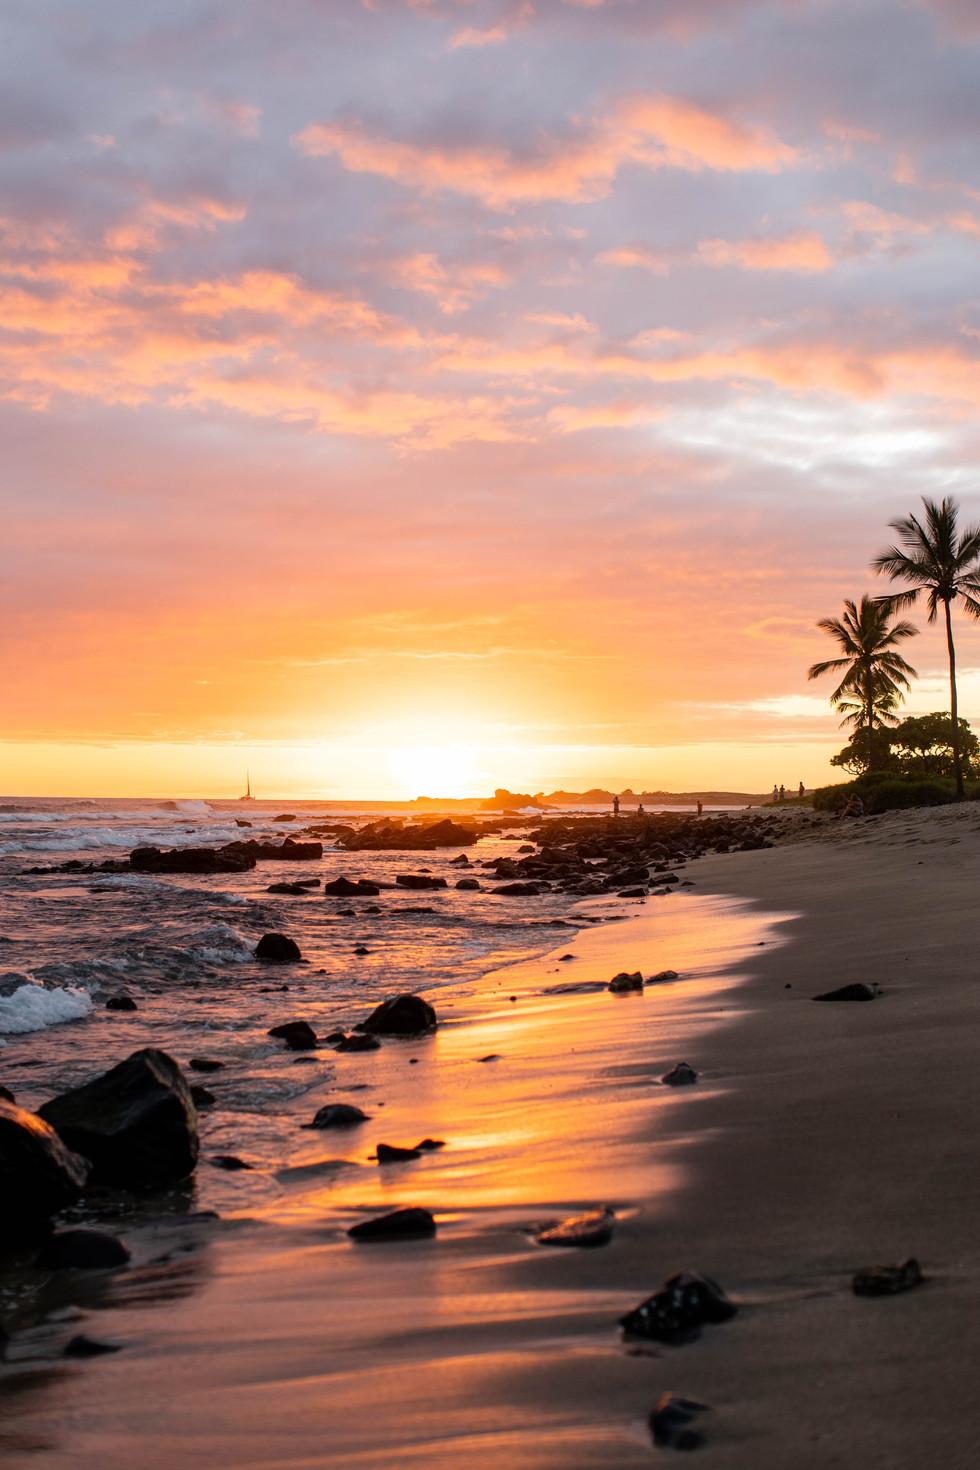 Travel - The Roommates go to Hawai'i - Part 1